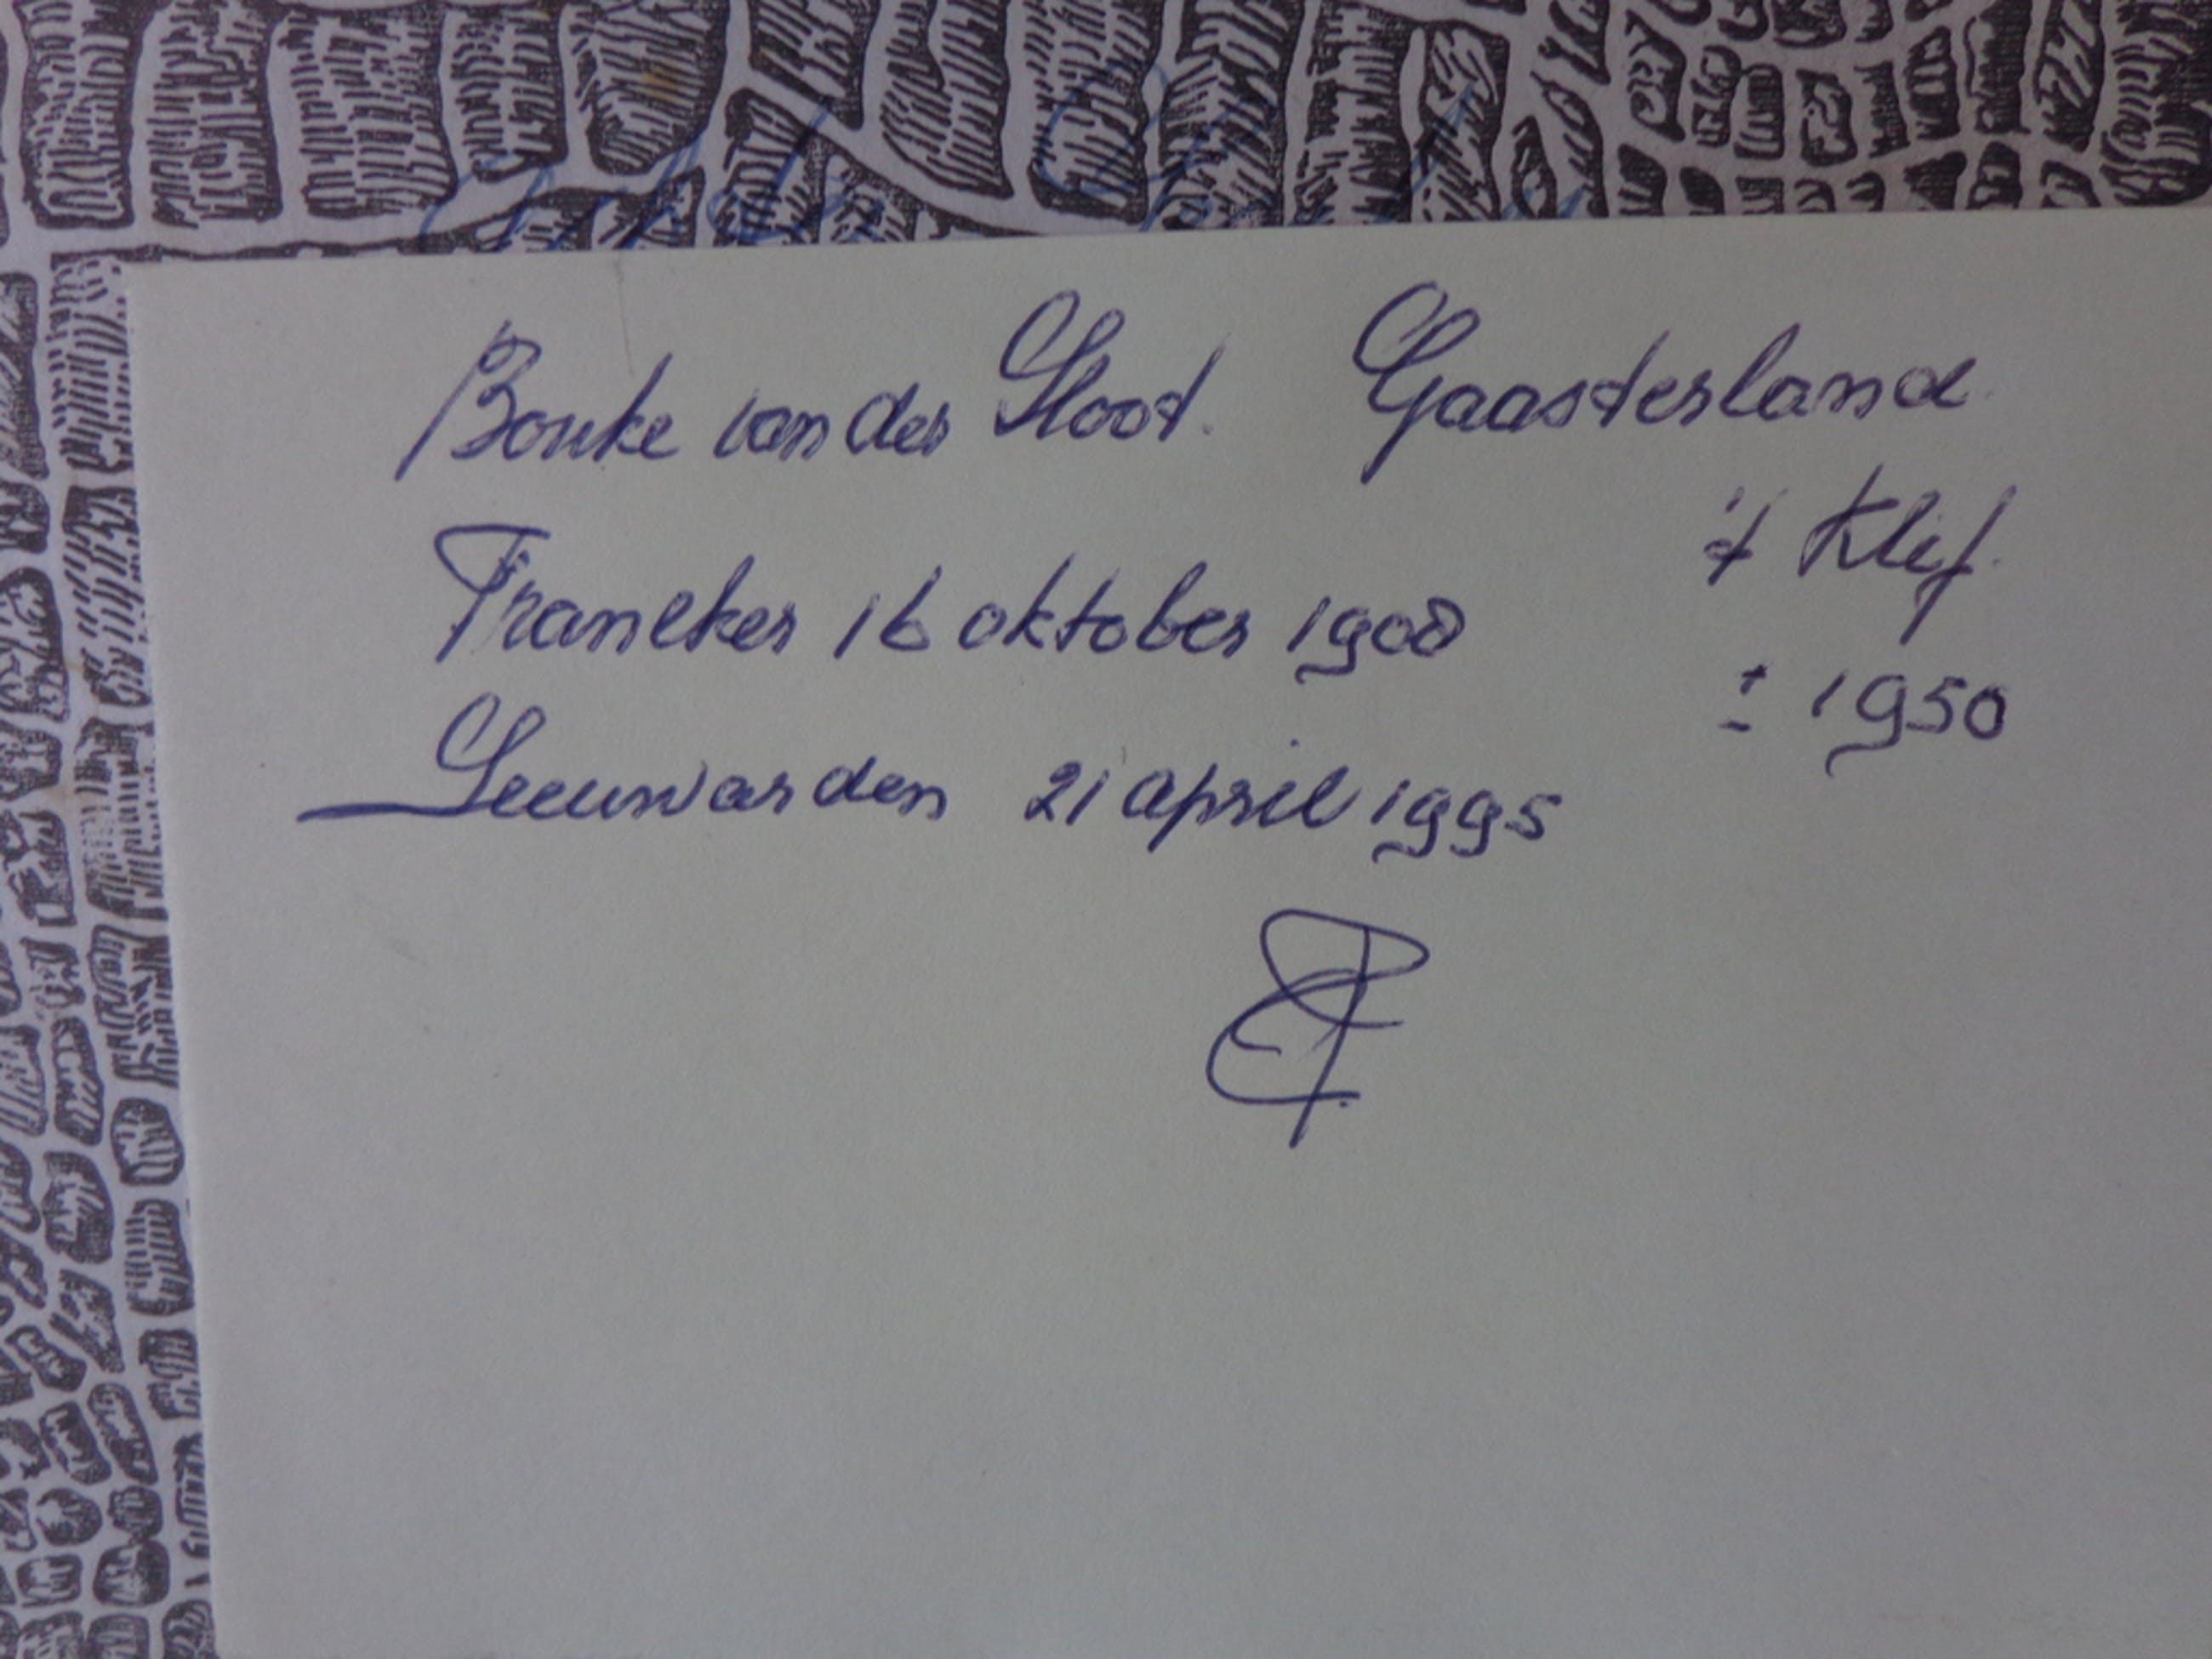 Bouke van der Sloot: olieverf op paneel, Gaasterland 't Klif 1950 kopen? Bied vanaf 100!